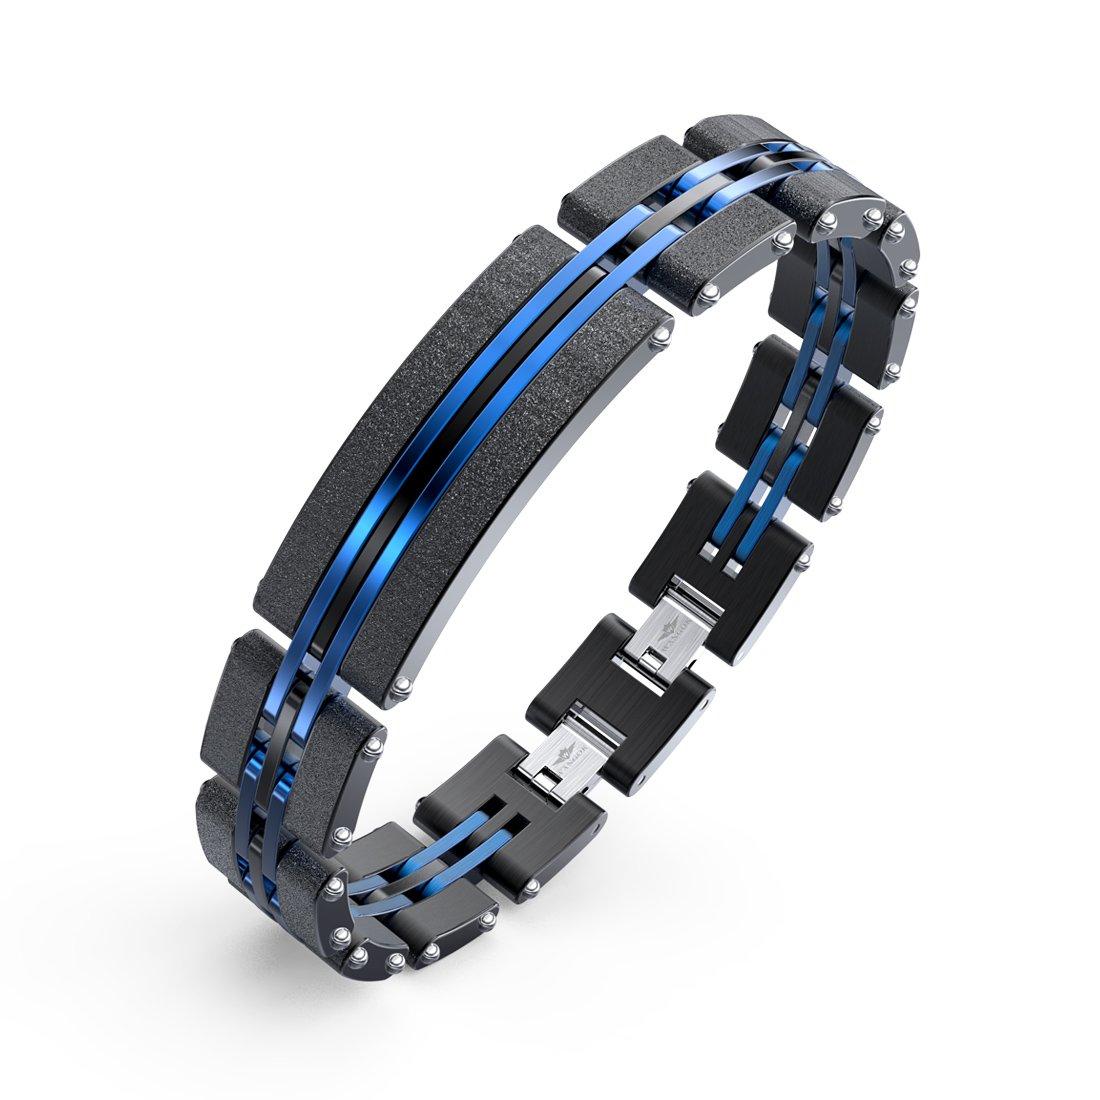 Herren Armbänder Edelstahl Blaue Schwarze Justierbare Armband 19-23 cm Armbänder für Männer mit Mode Sandstrahlen mit Geschenk Kasten WANGOK JEWELRY SSB-66